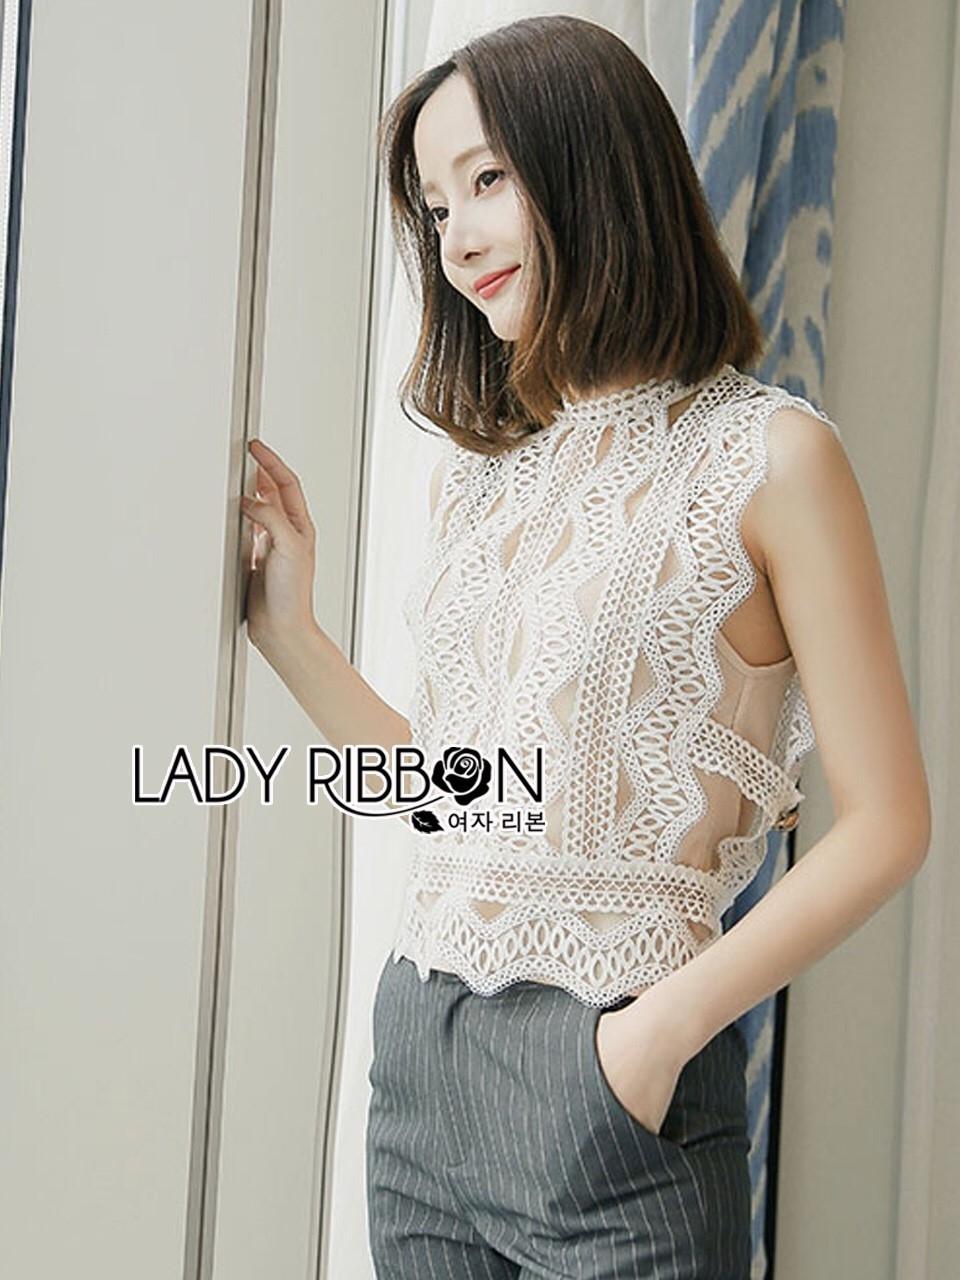 เสื้อผ้าเกาหลีพร้อมส่ง เสื้อผ้าลูกไม้ขาวทรงแขนกุดพร้อมซับในสีนู้ด